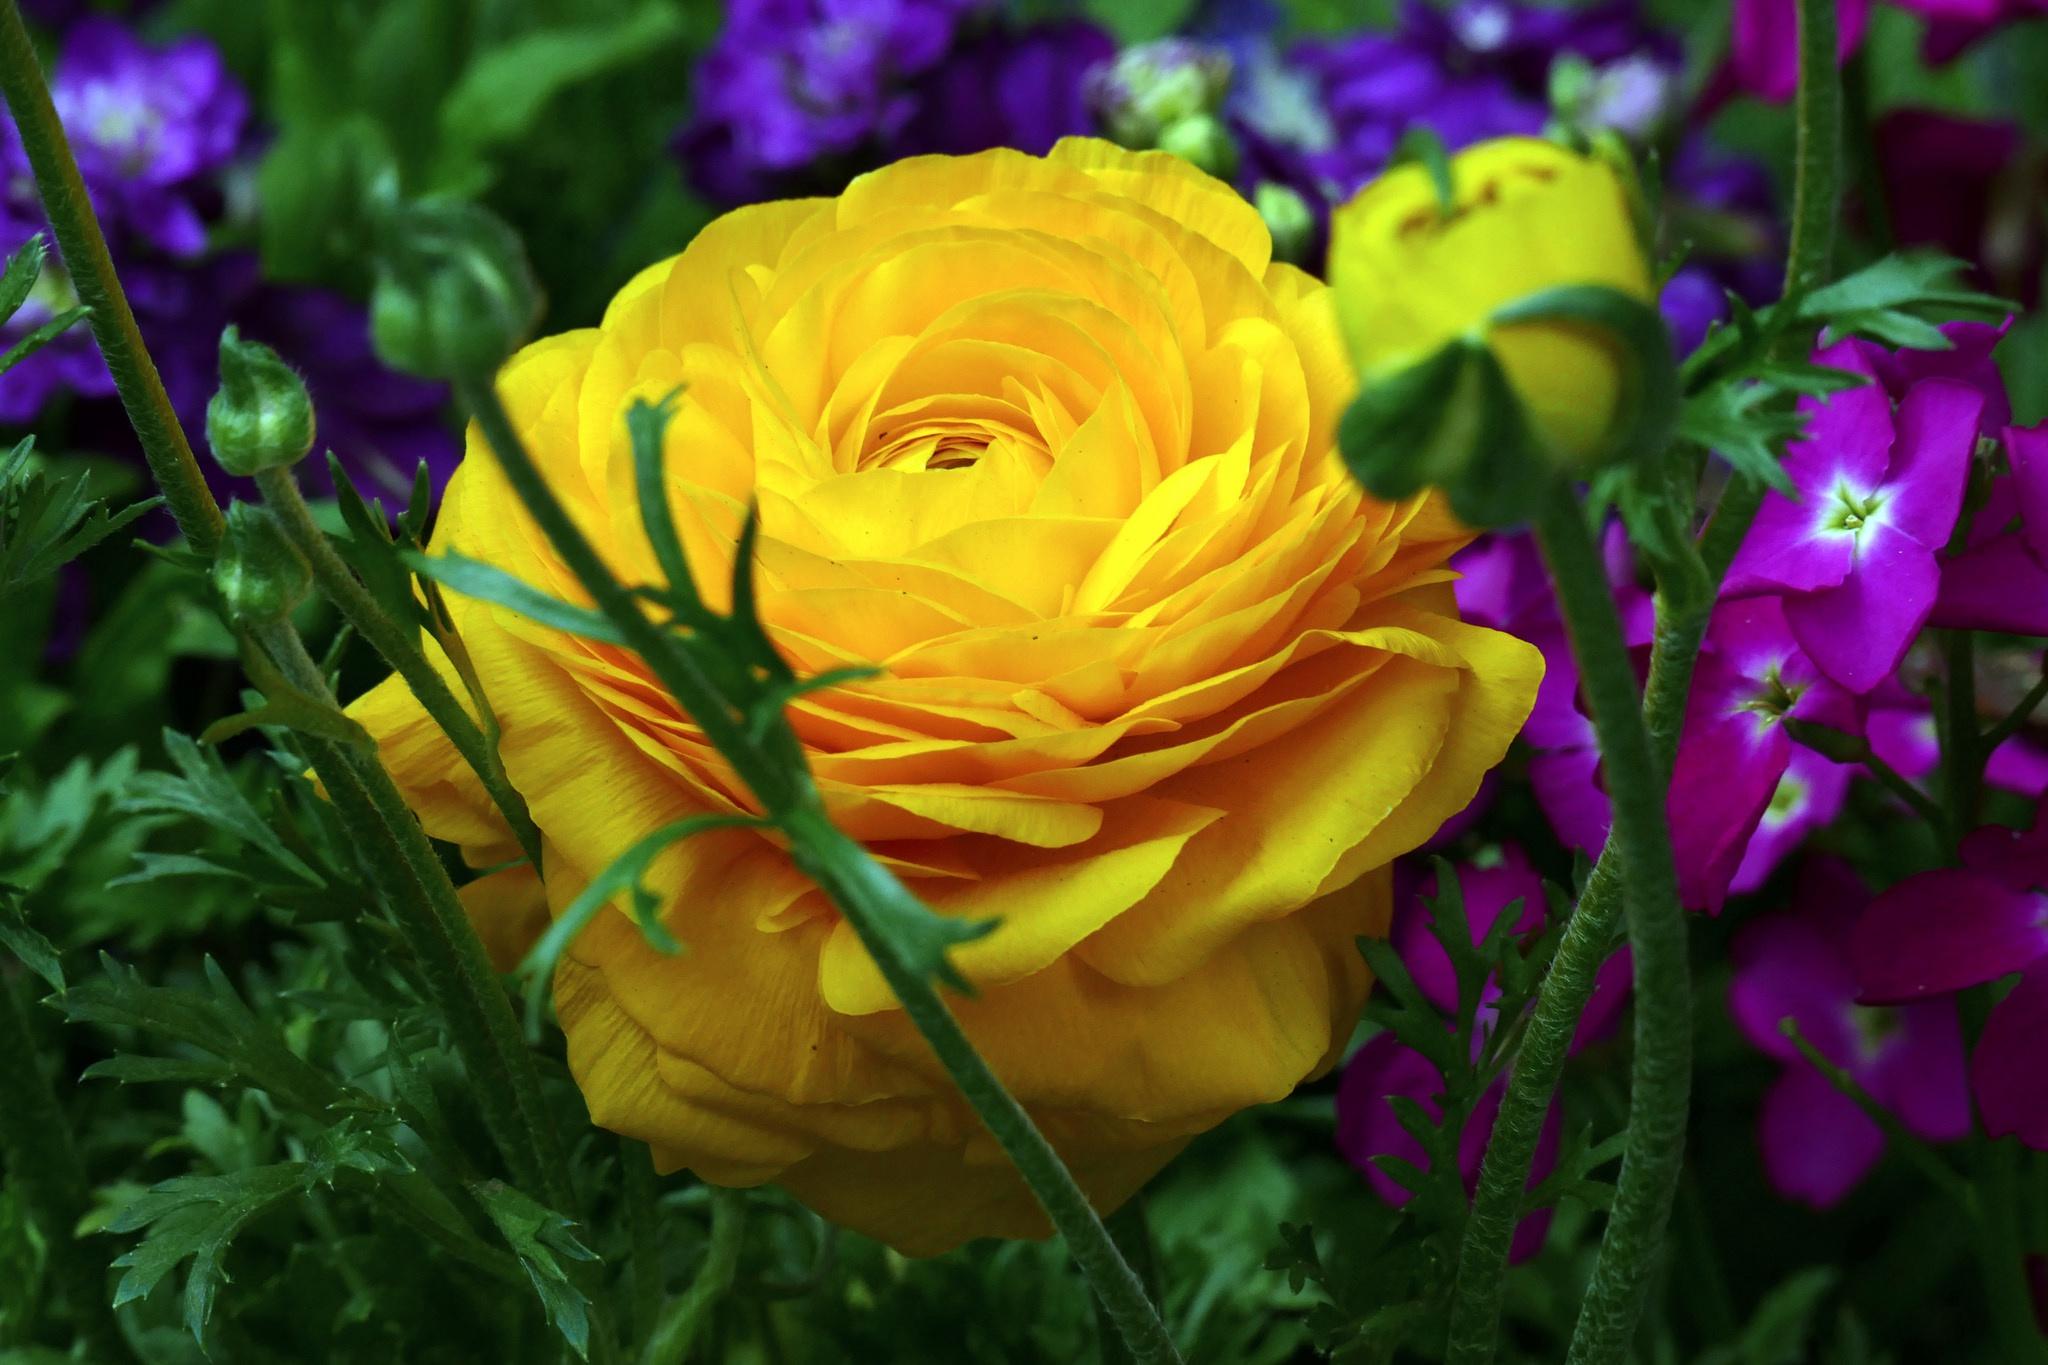 лютики цветочки фото предлагаем